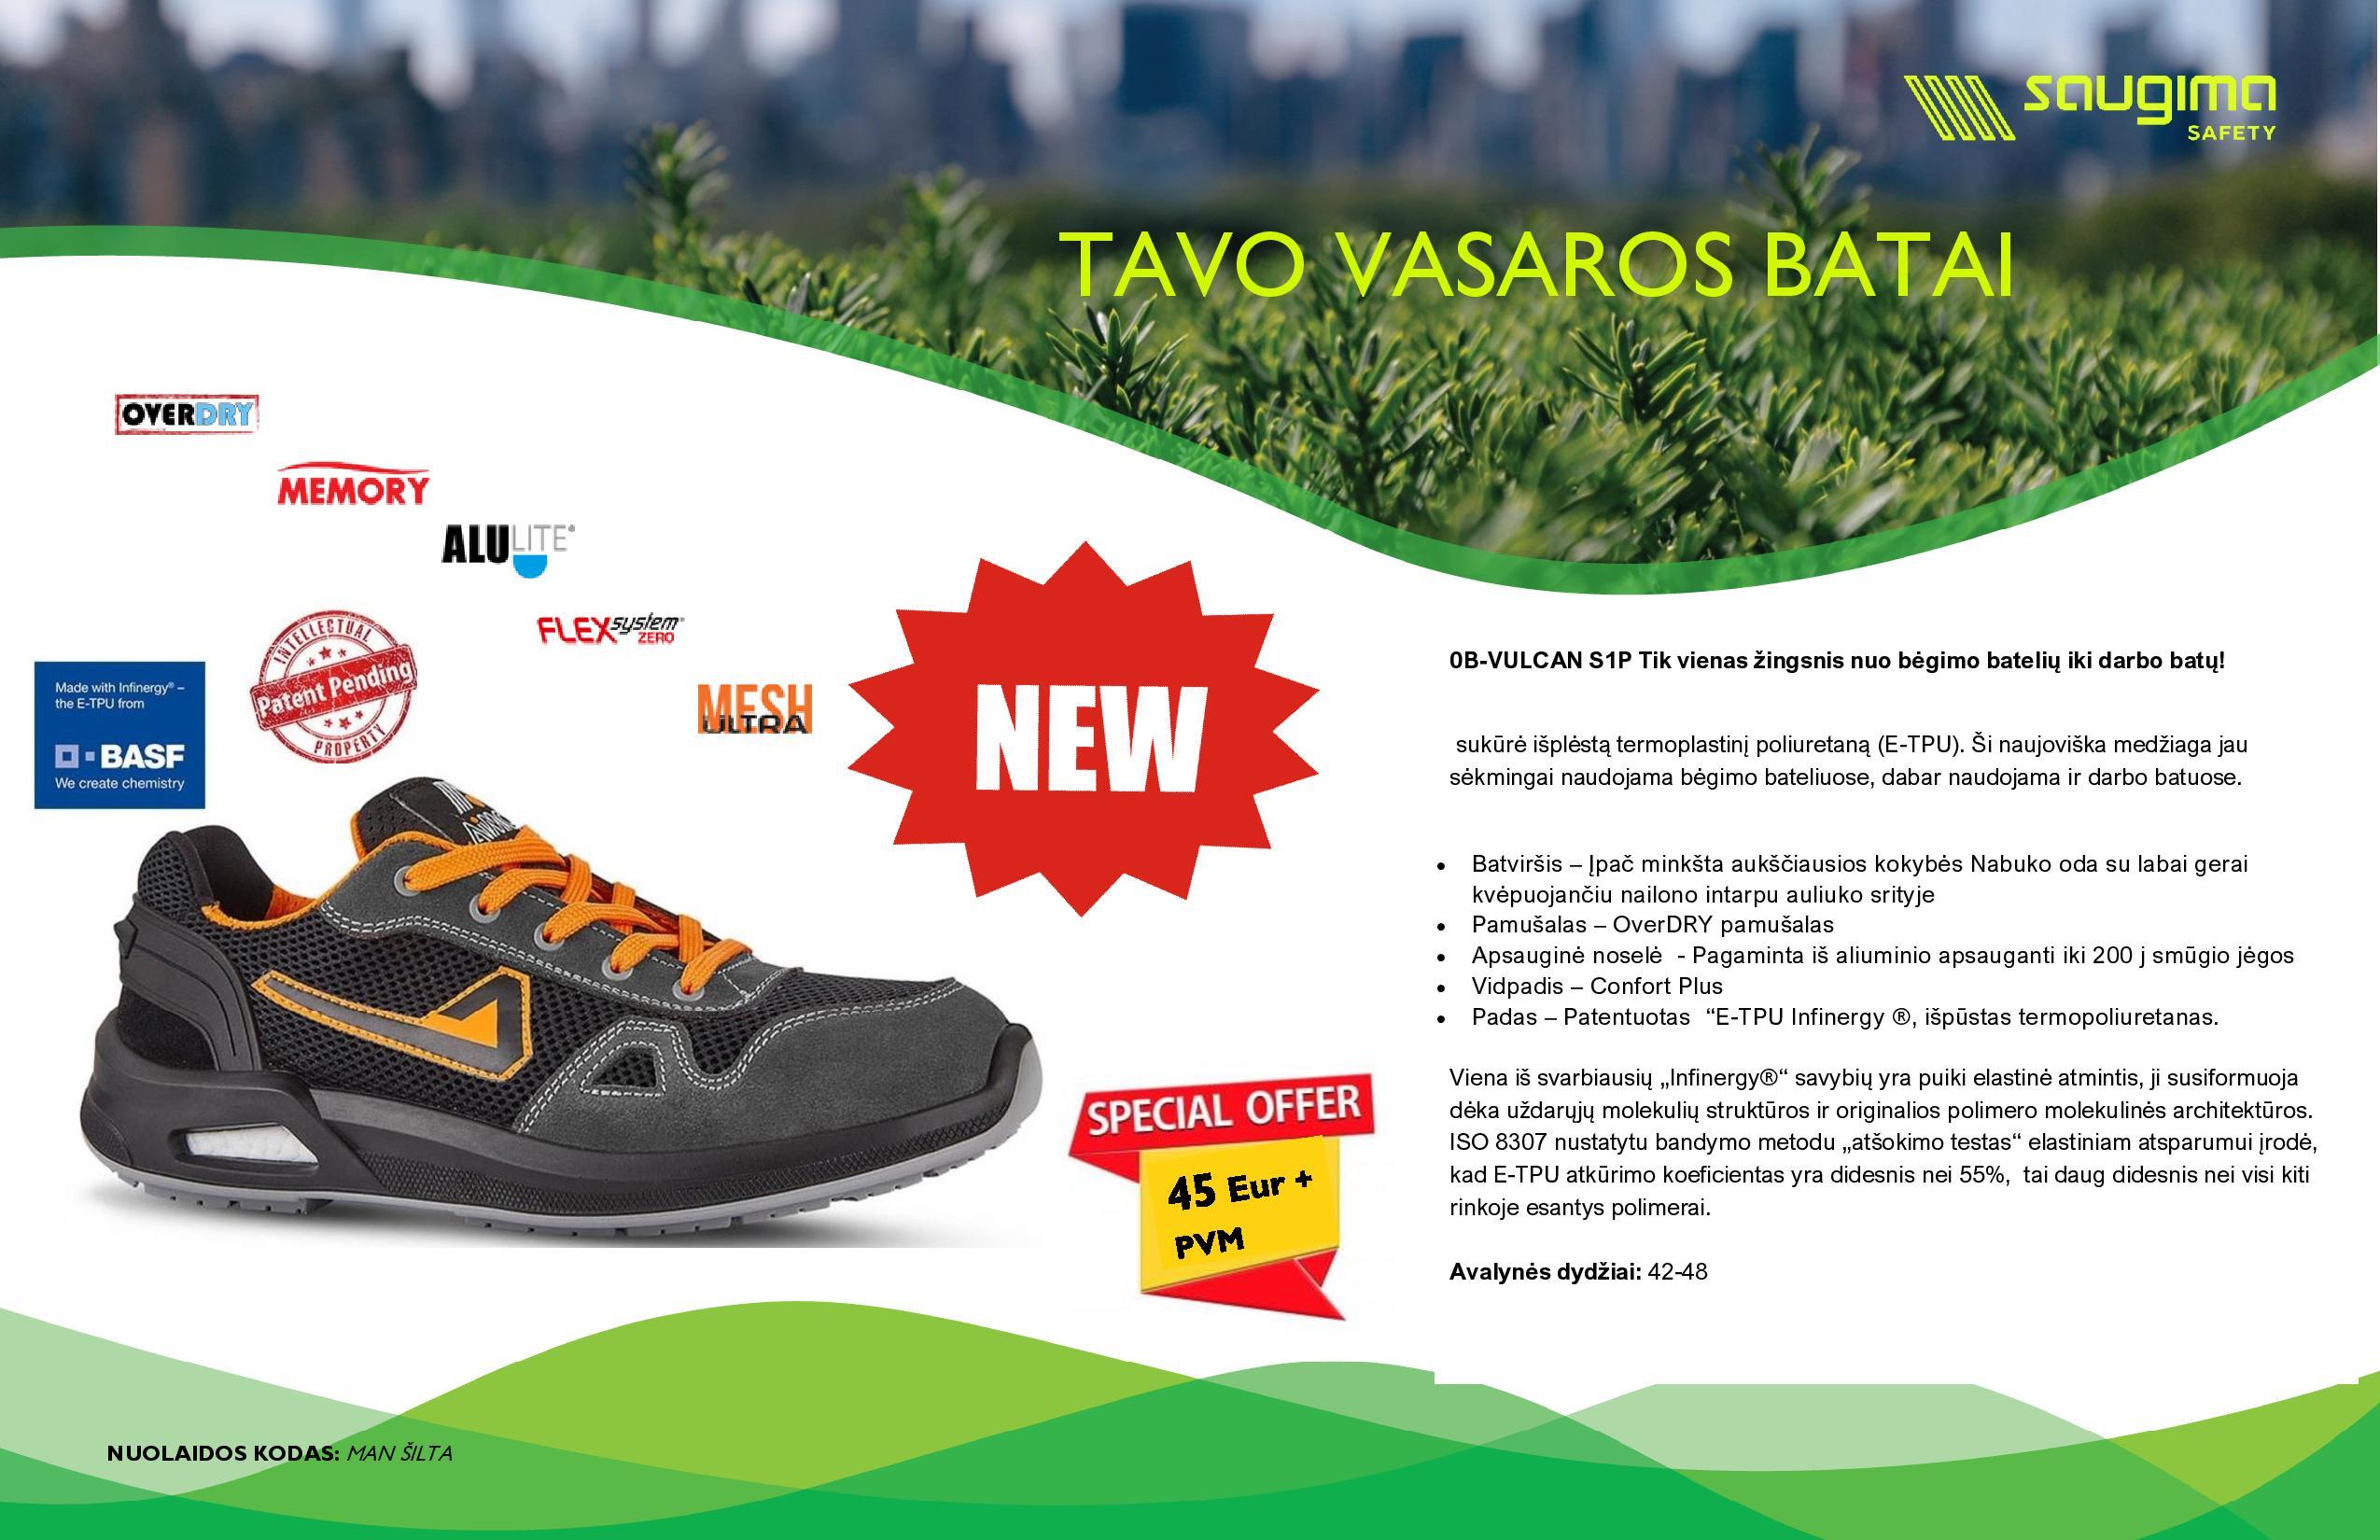 batai_2020 - pusbačiaiVULCAN GOOD-page-001.jpg